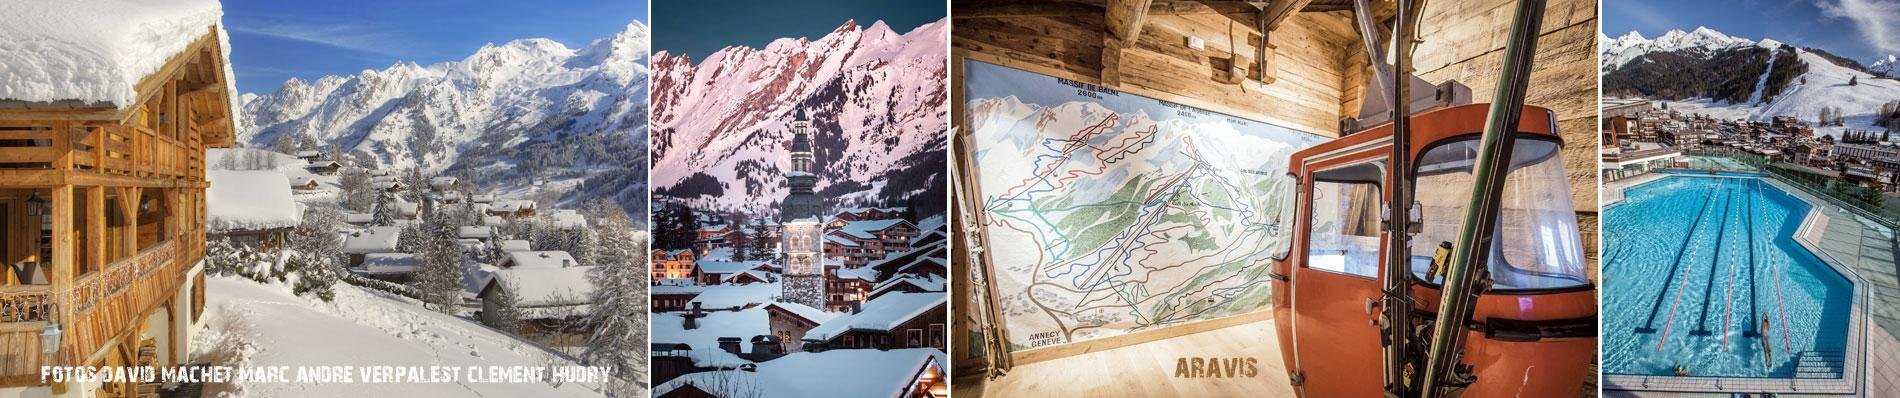 LA-CLUSAZ le grand bornand aravis ski